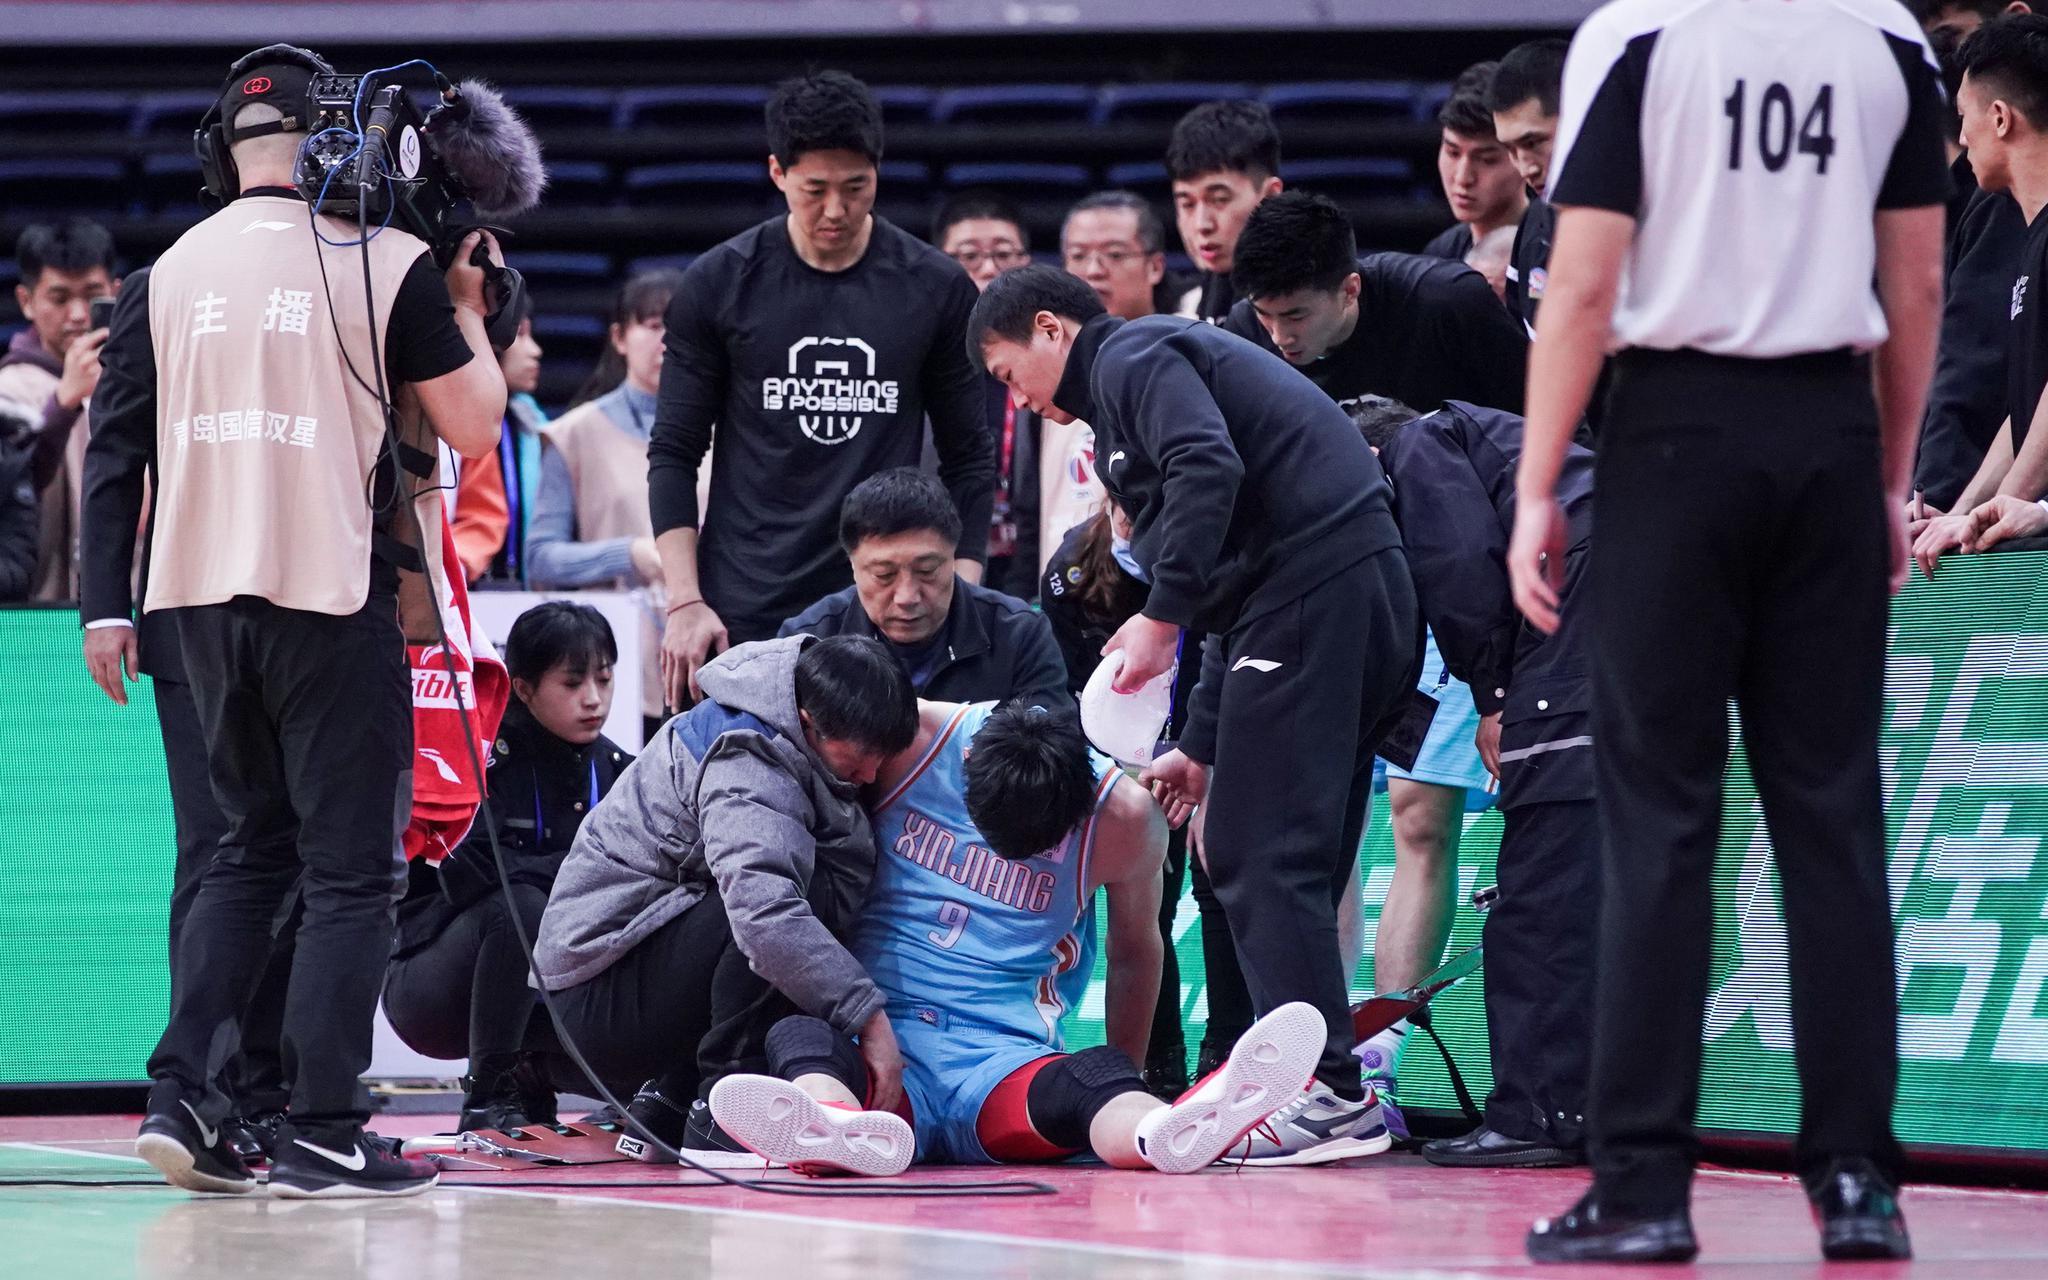 新疆男篮:周琦腰部新旧伤交替,未伤及骨头归期待定图片